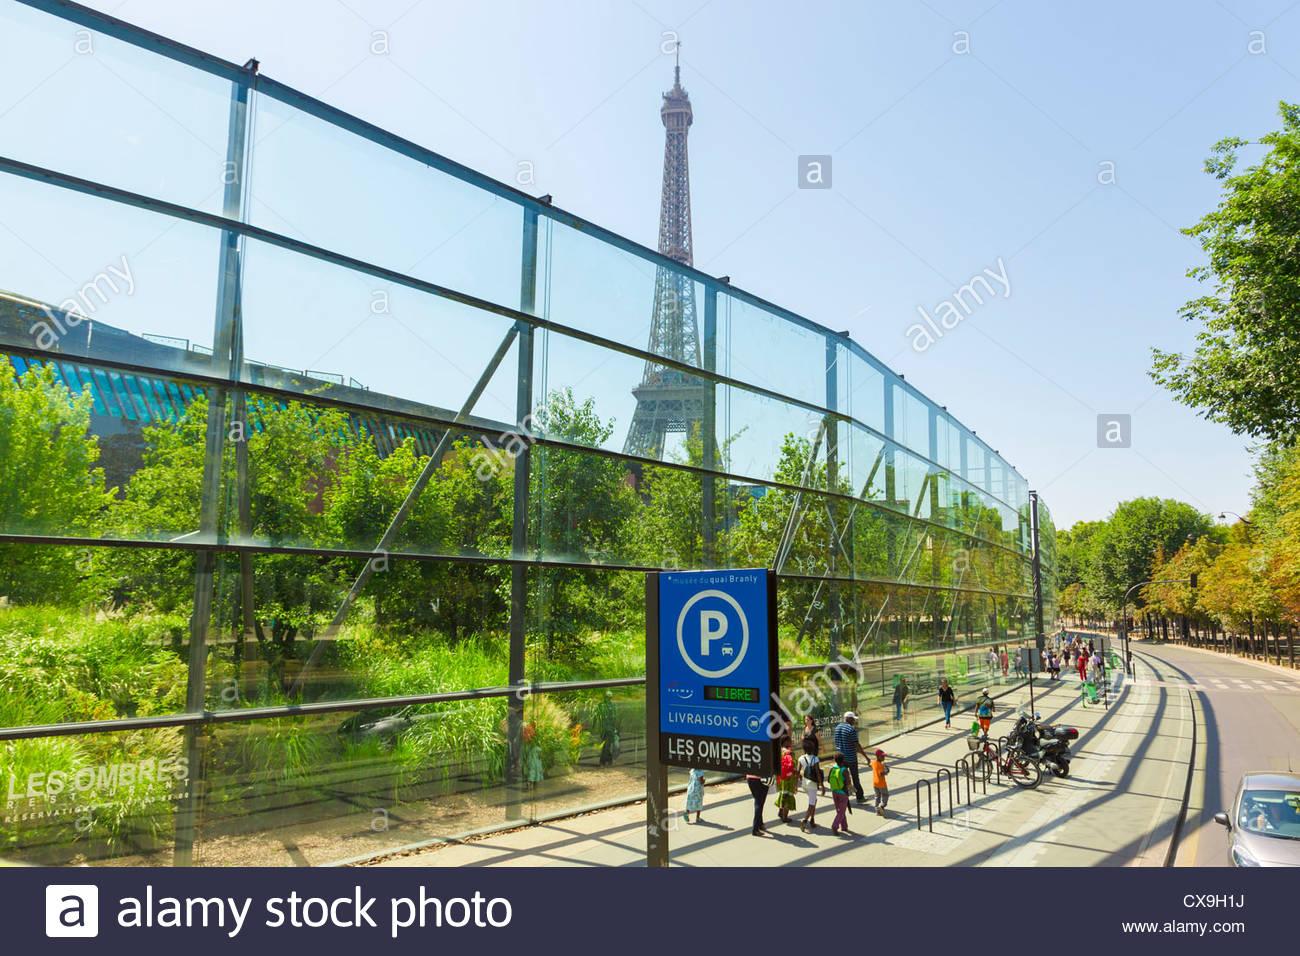 Musee Du Quai Branly Eiffel Photos & Musee Du Quai Branly Eiffel ...